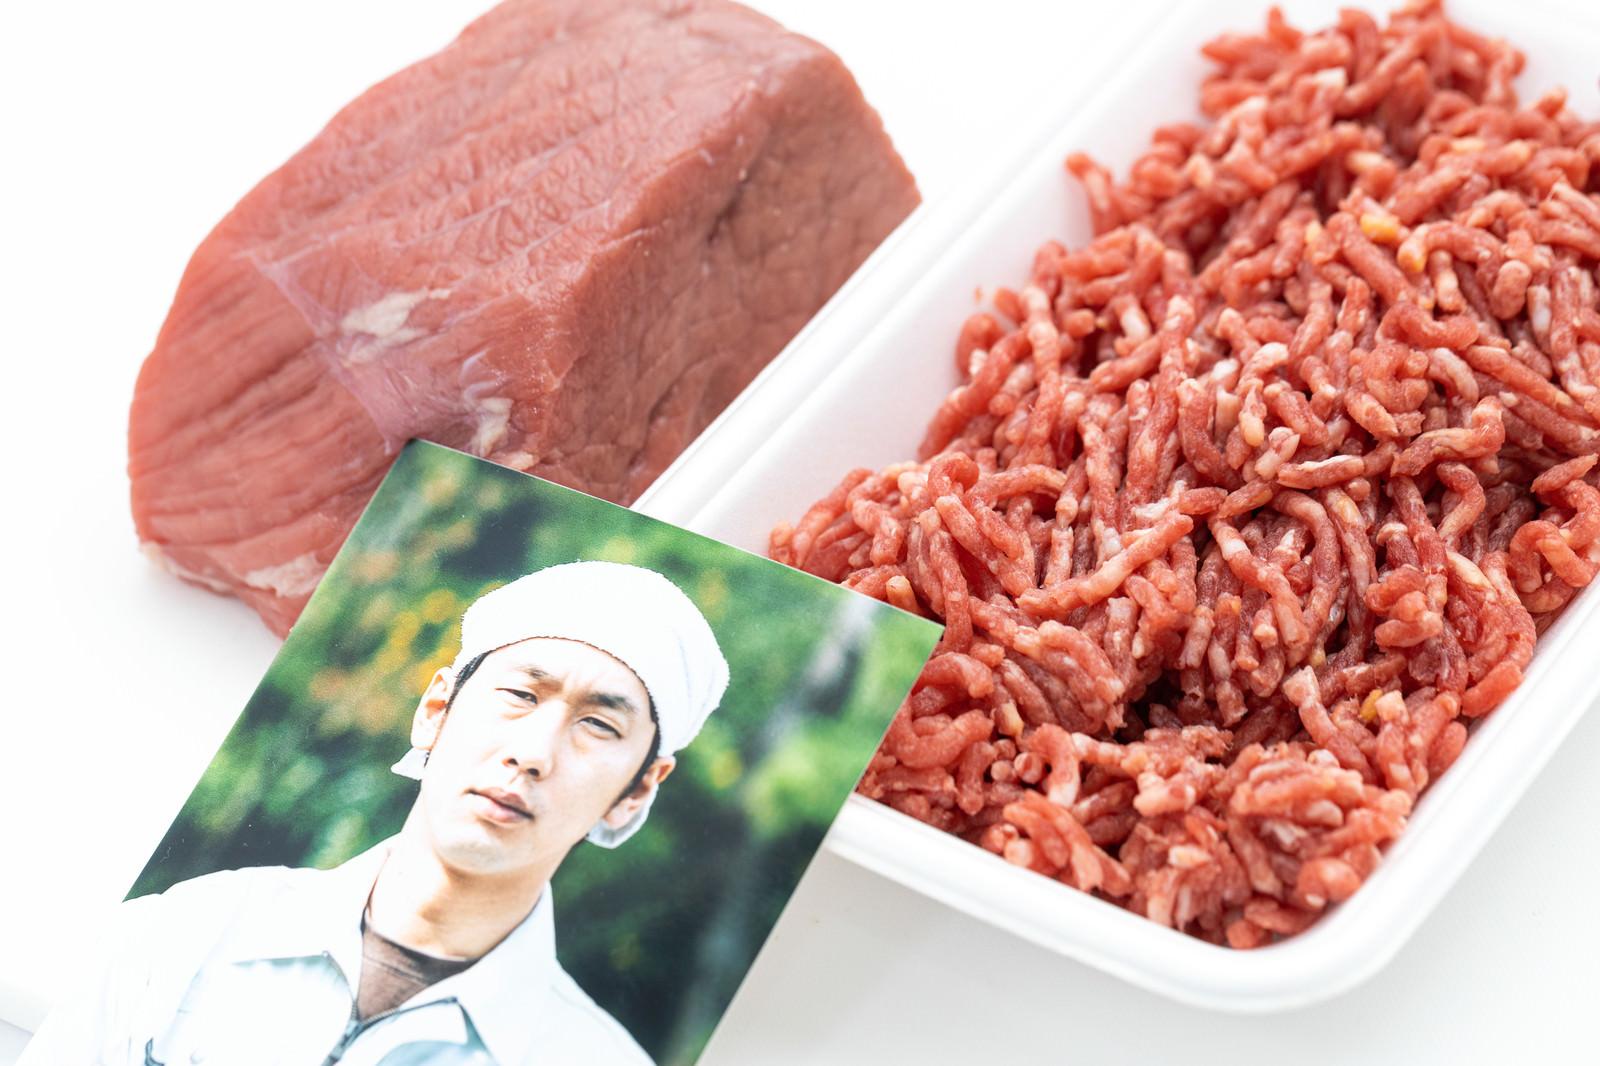 「ミンチ肉と生産者」の写真[モデル:大川竜弥]